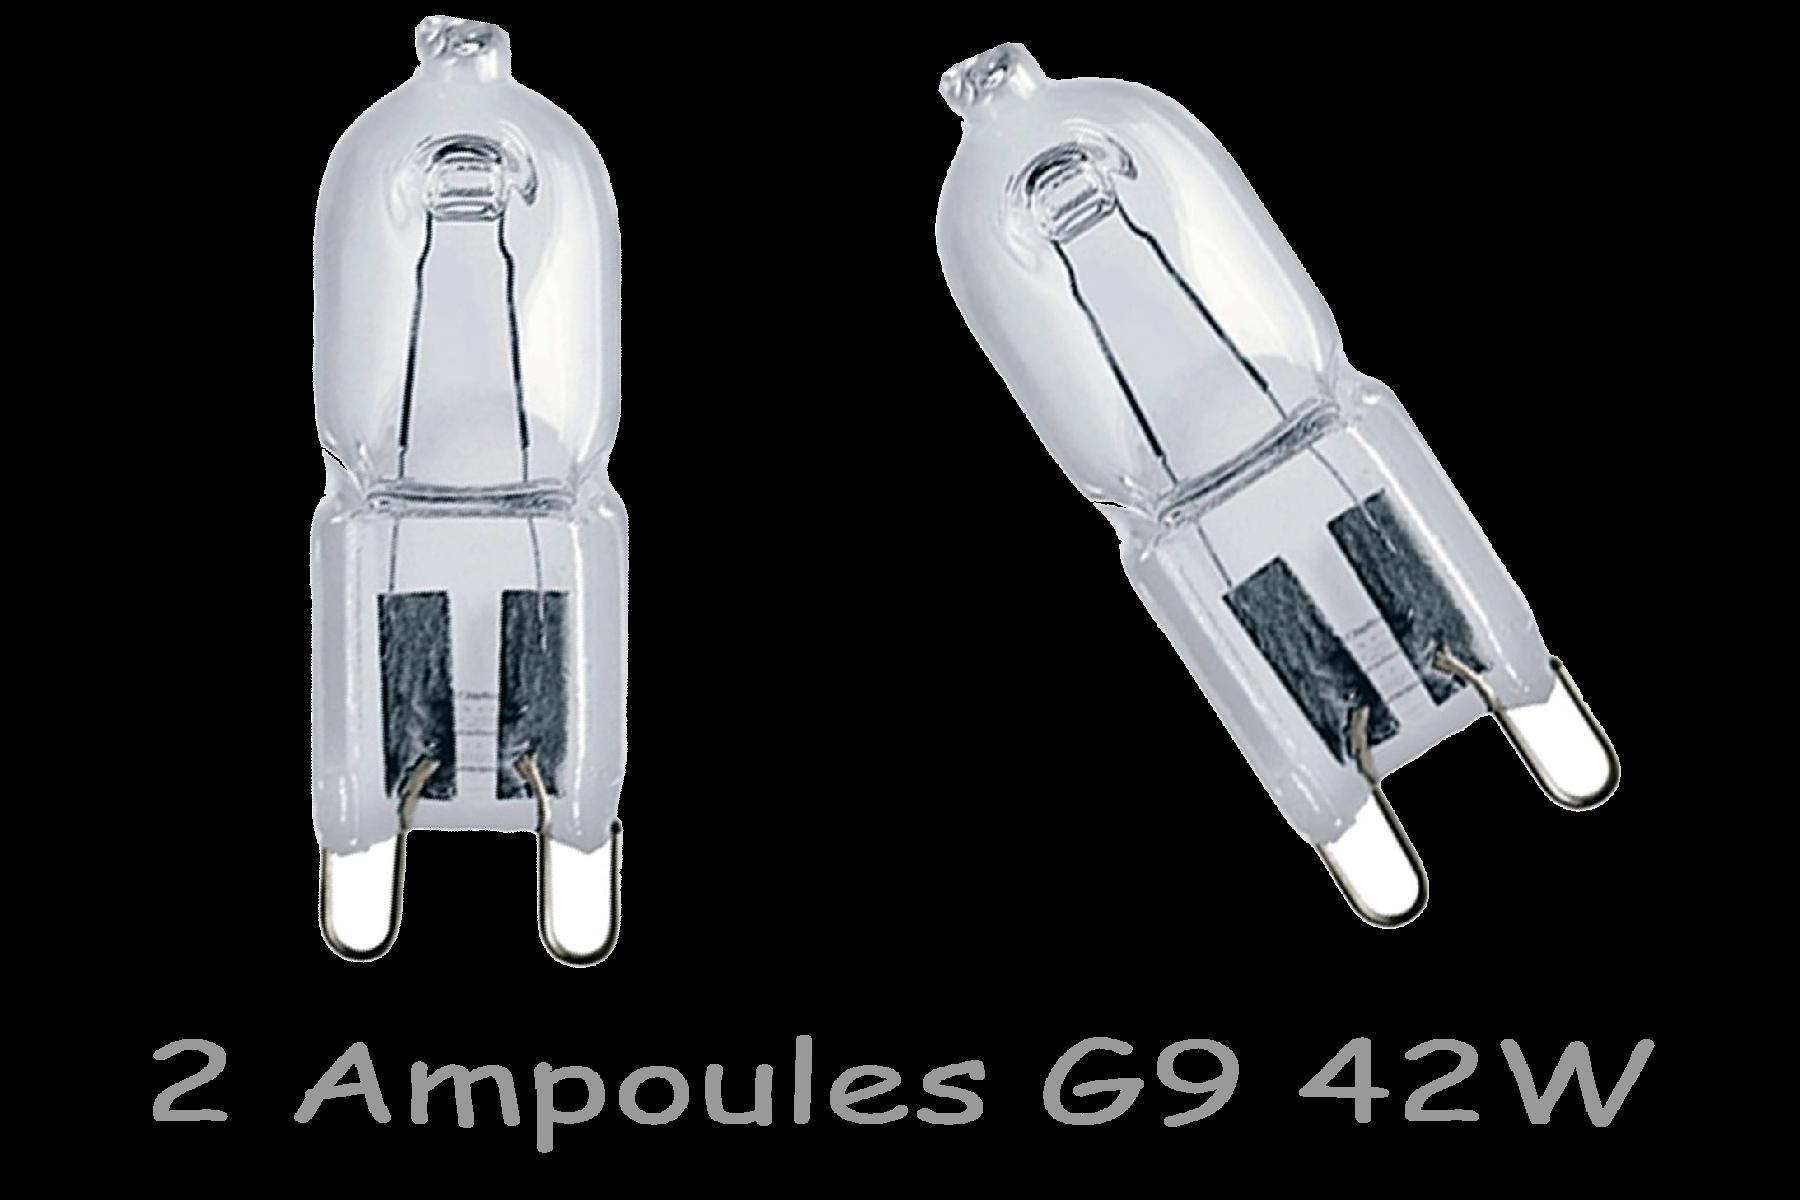 2 Ampoules G9 42W